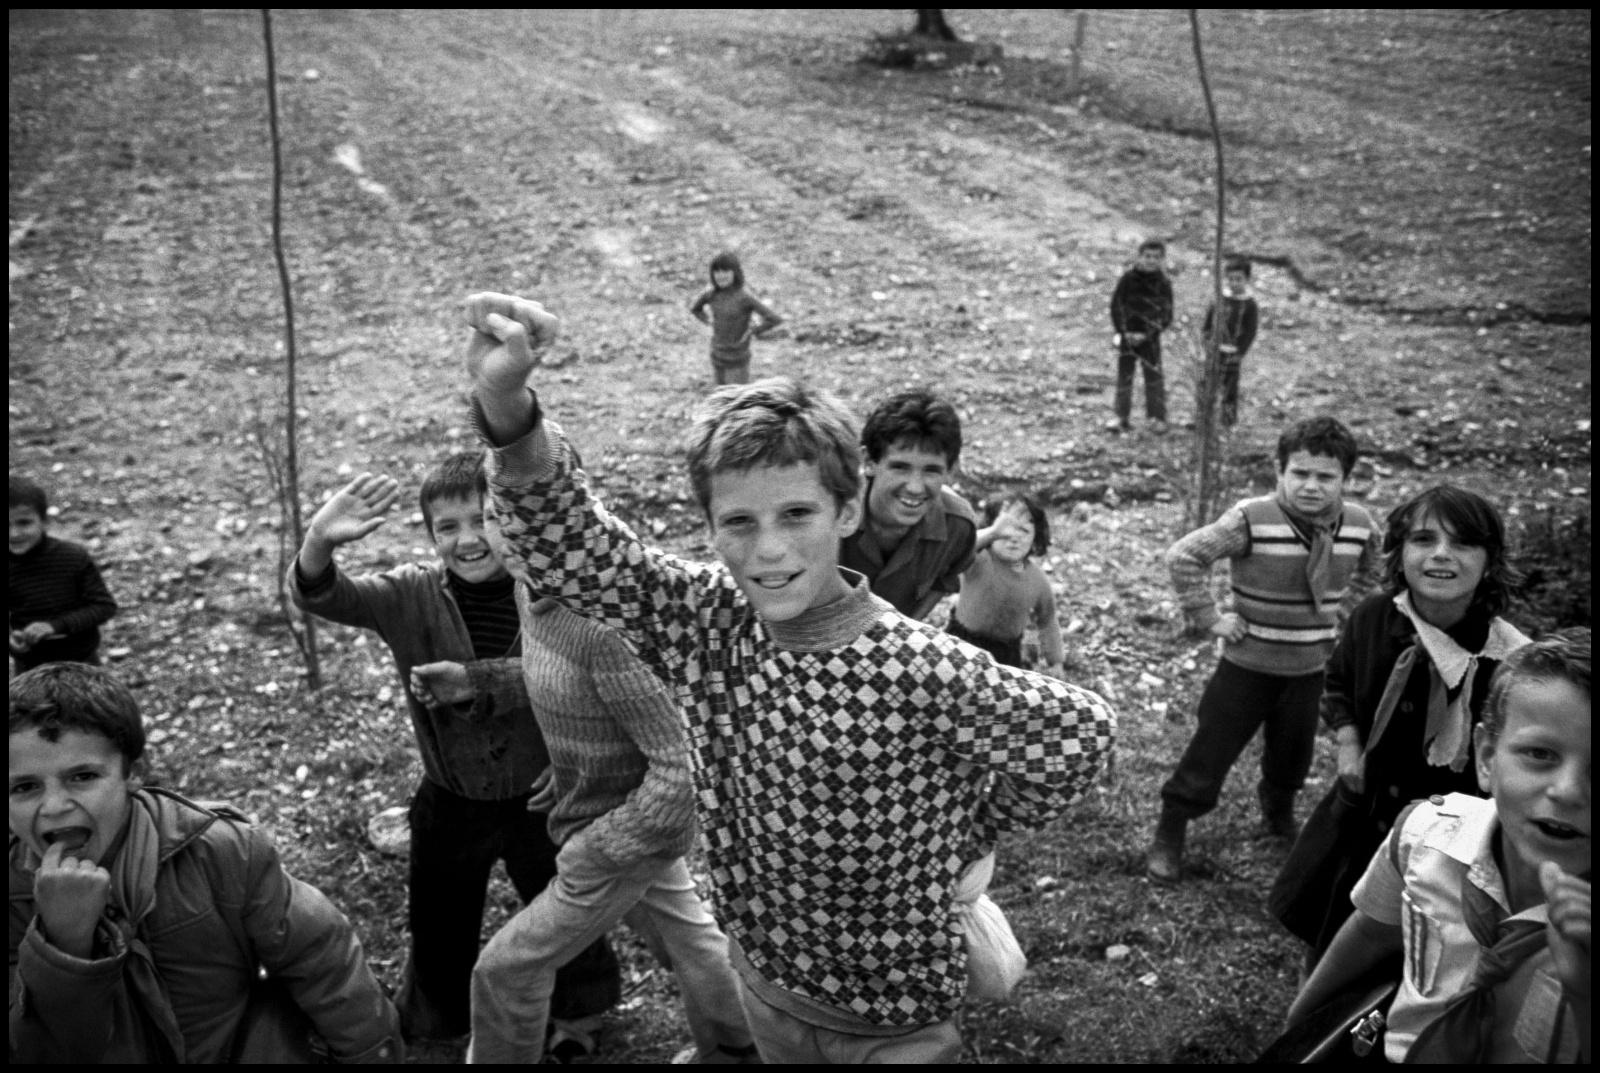 Albania 1989, il paese delle aquile, chiusa al mondo occidentale per quarantacinque anni fino alla caduta ufficiale del regime comunista nel febbraio del 1991.